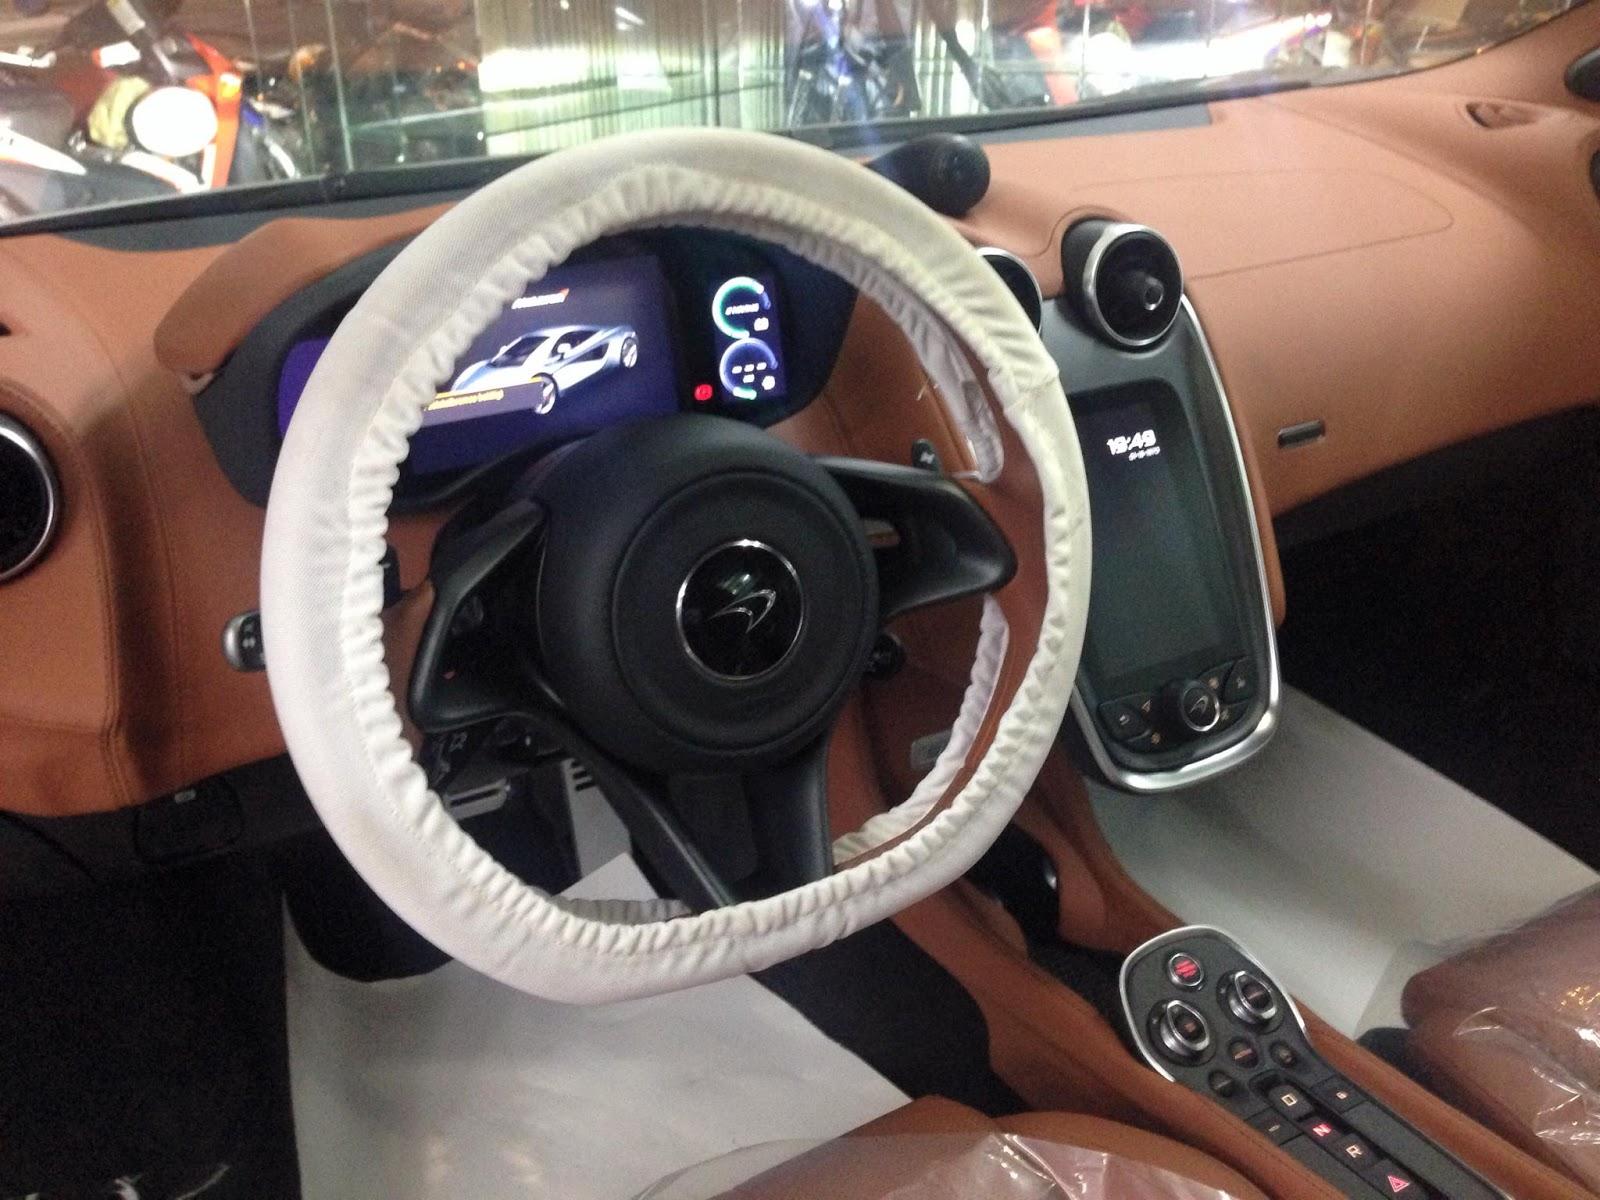 Khoang lái của xe nhìn khác đơn giản và cổ điển